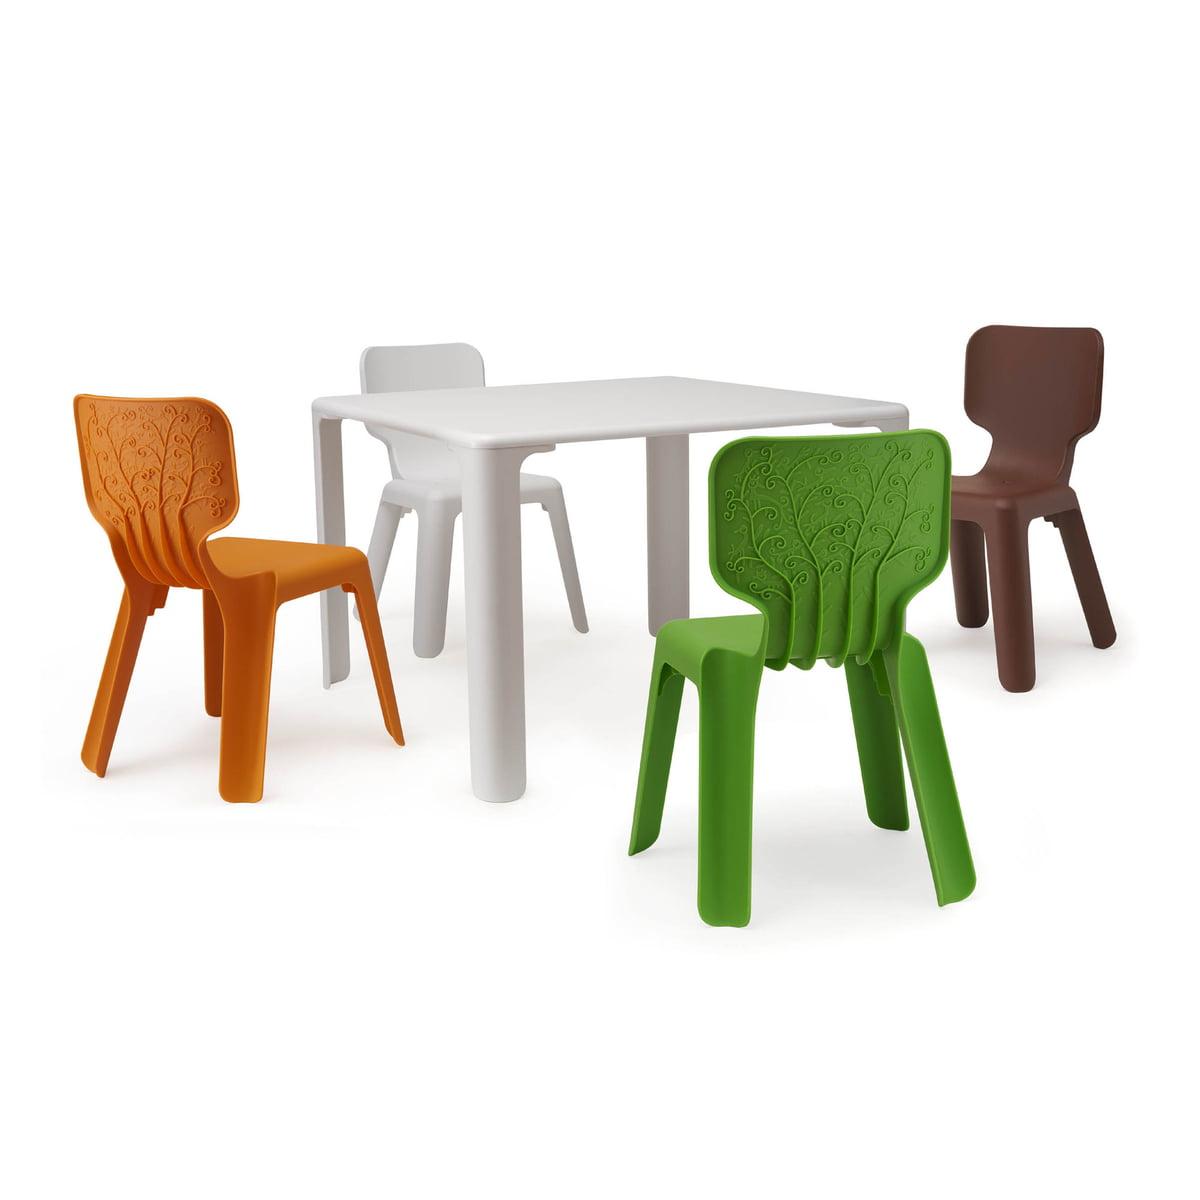 magis me too alma chaise enfant et table enfant linus - Chaise Et Table Enfant